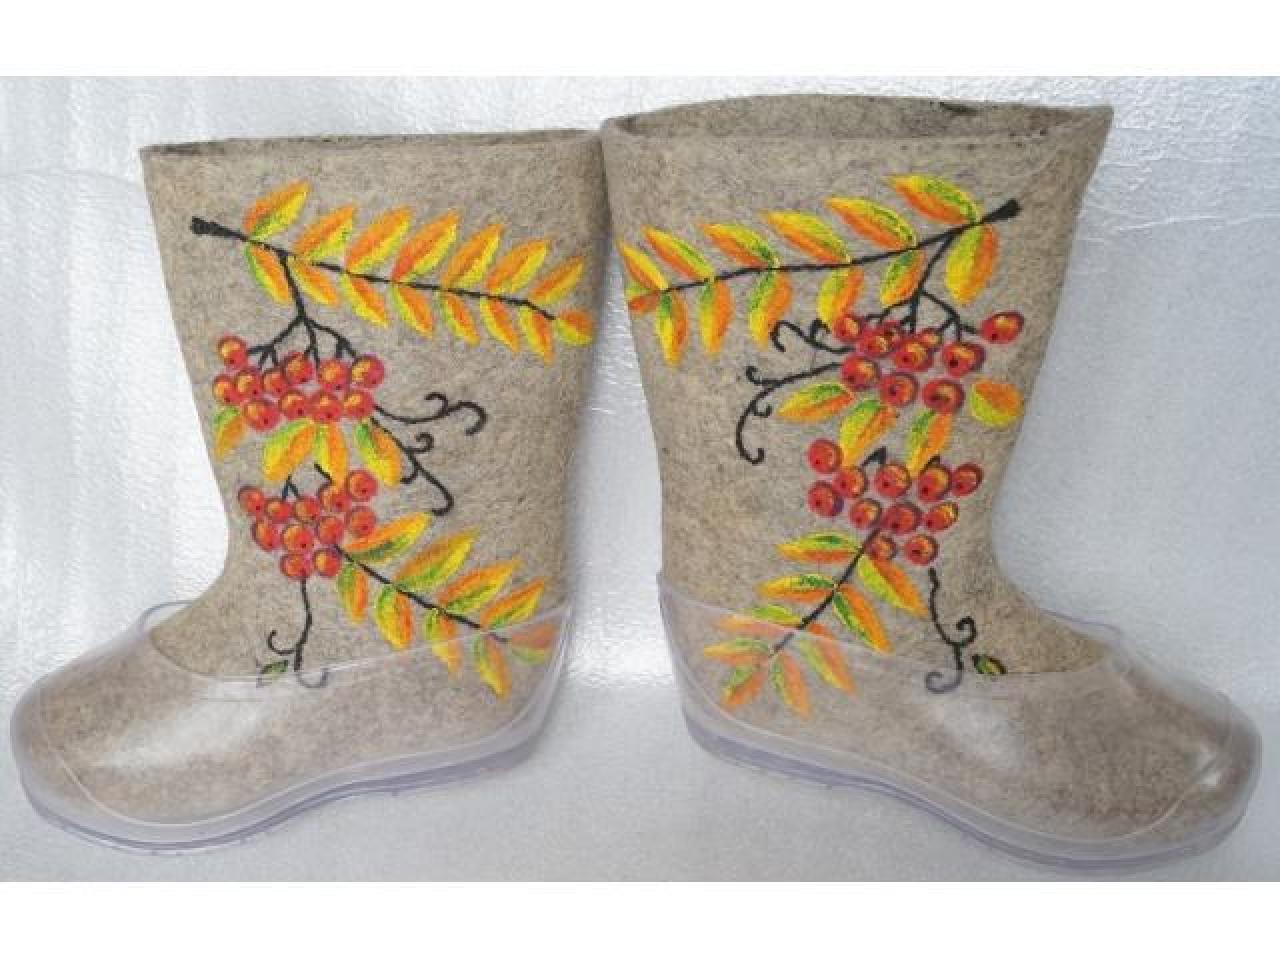 Самая полезная, натуральная обувь, одежда в мире - 4